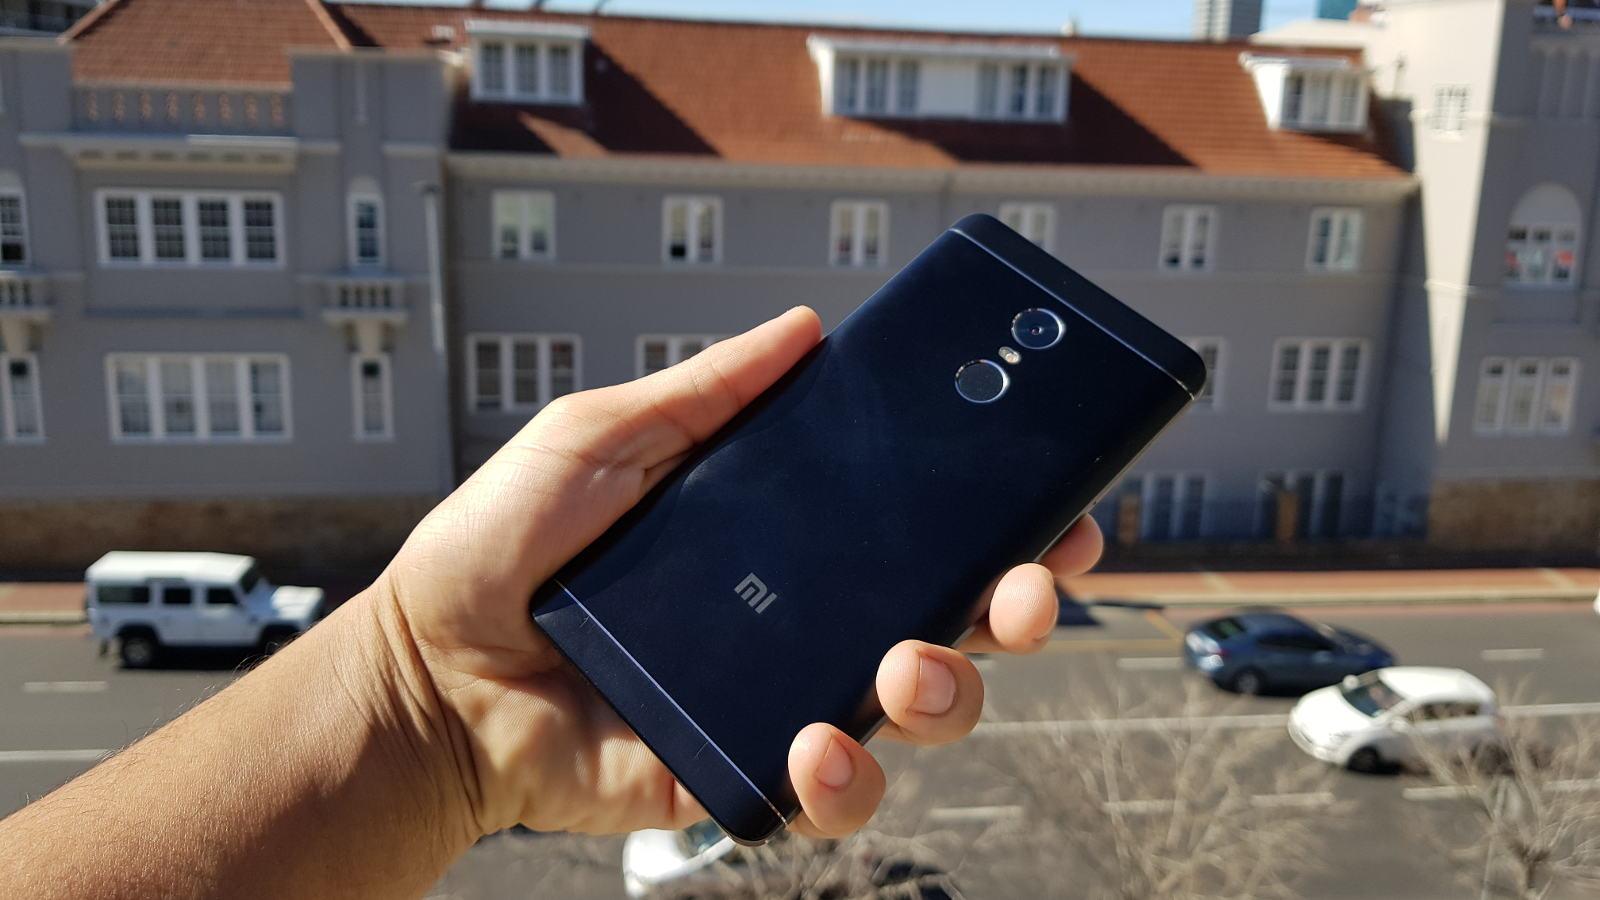 Xiaomi Redmi Note 4,redmi note 4